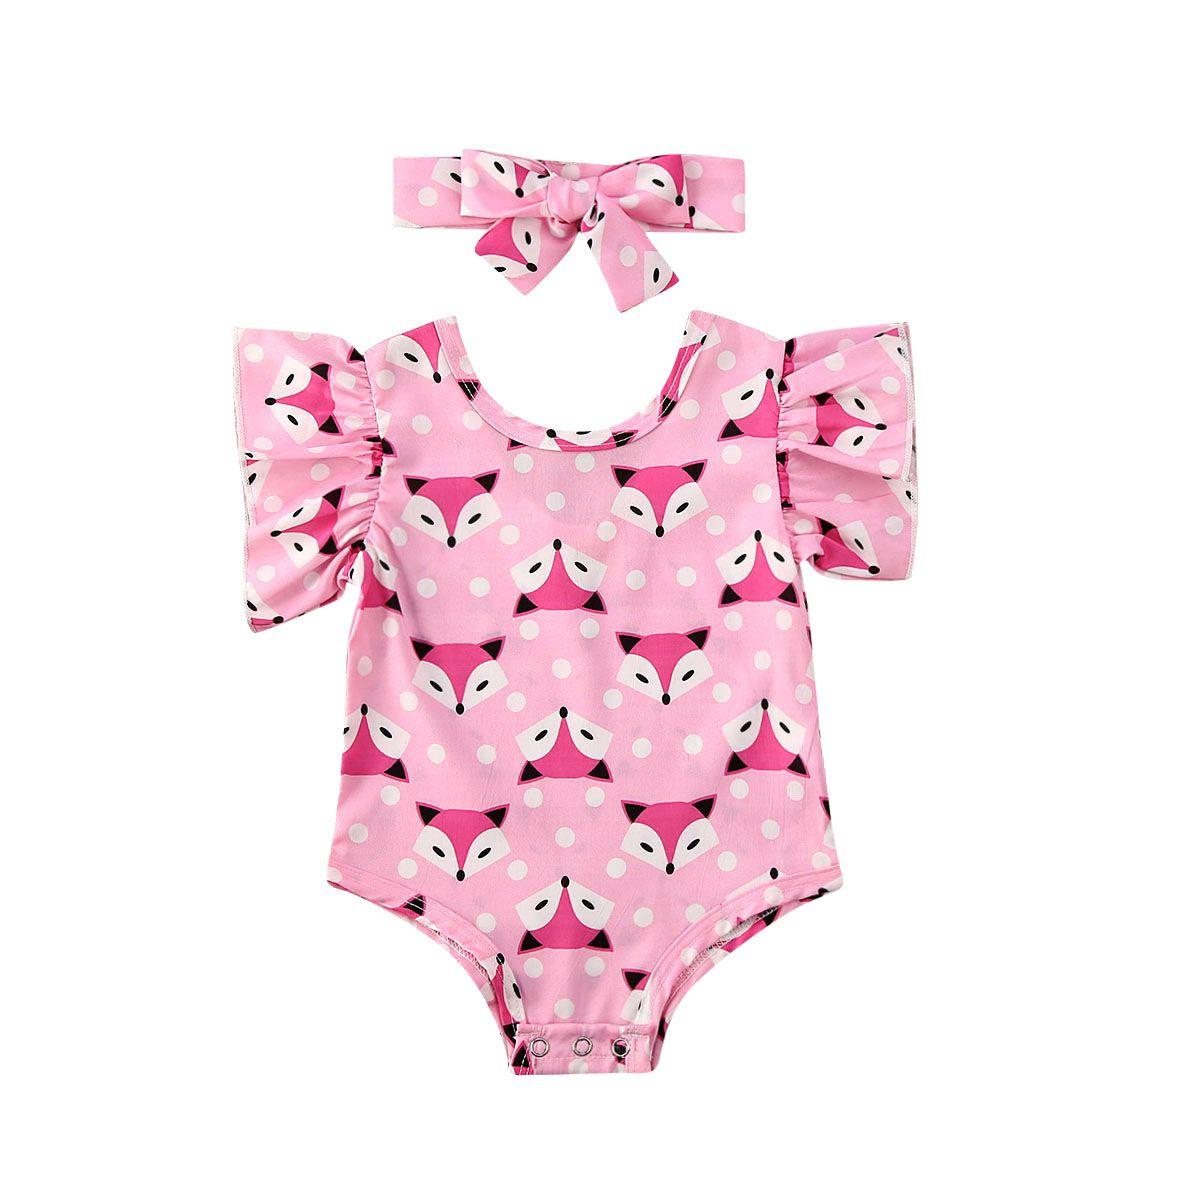 Été Nouveau-né bébé Enfants Fox Tops manches courtes Jumpsuit Bodysuit Bandeau Outfit Vêtements Cartoon